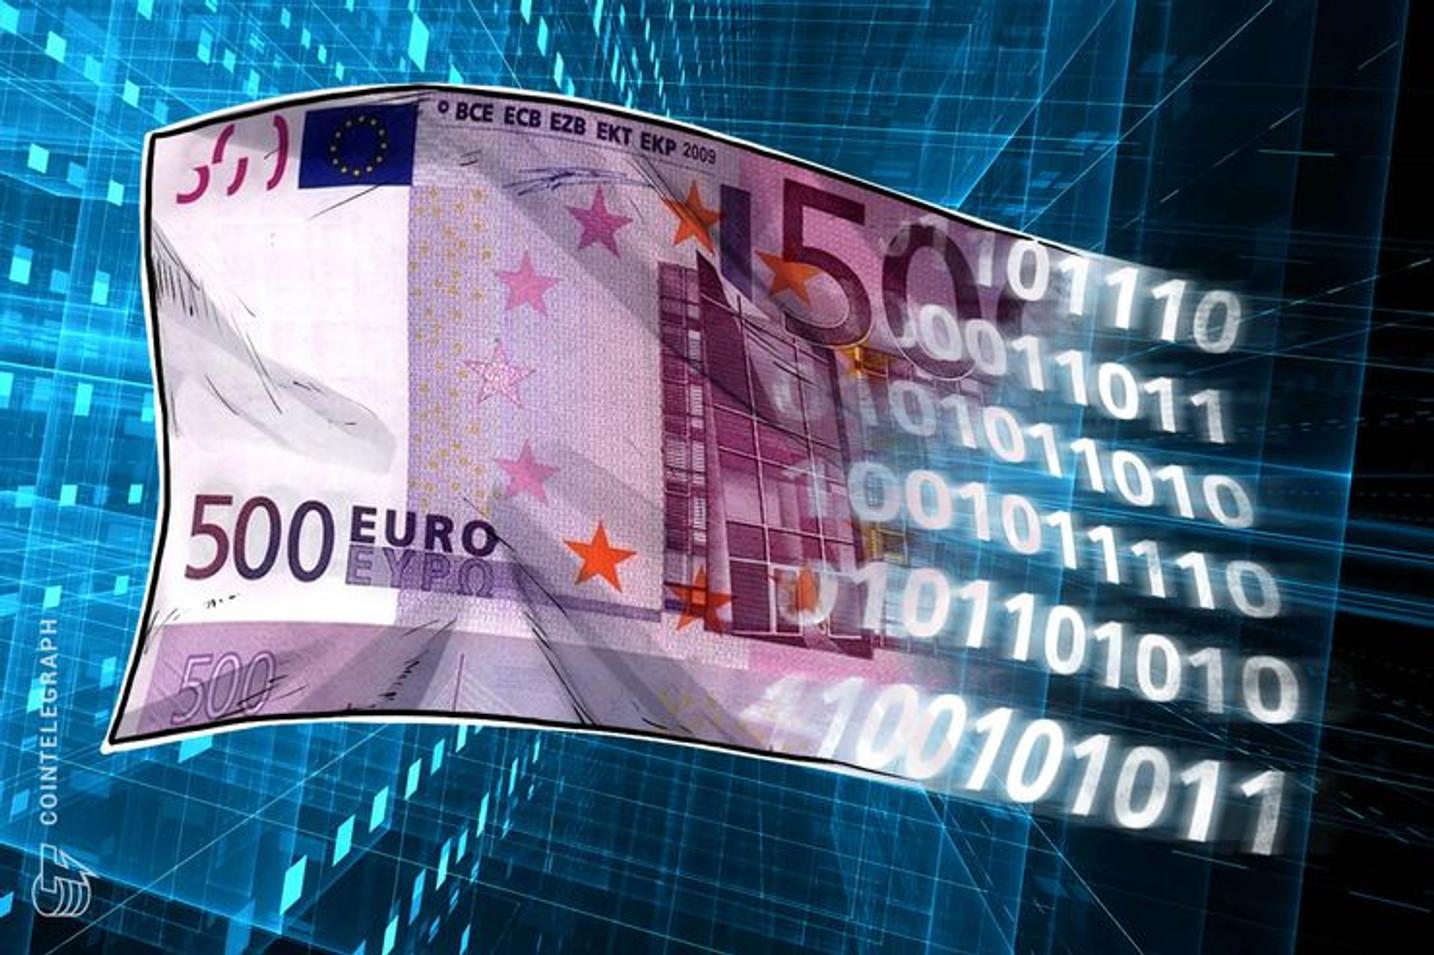 Estiman que el sector blockchain catalán facturará 60 millones de euros en cinco años